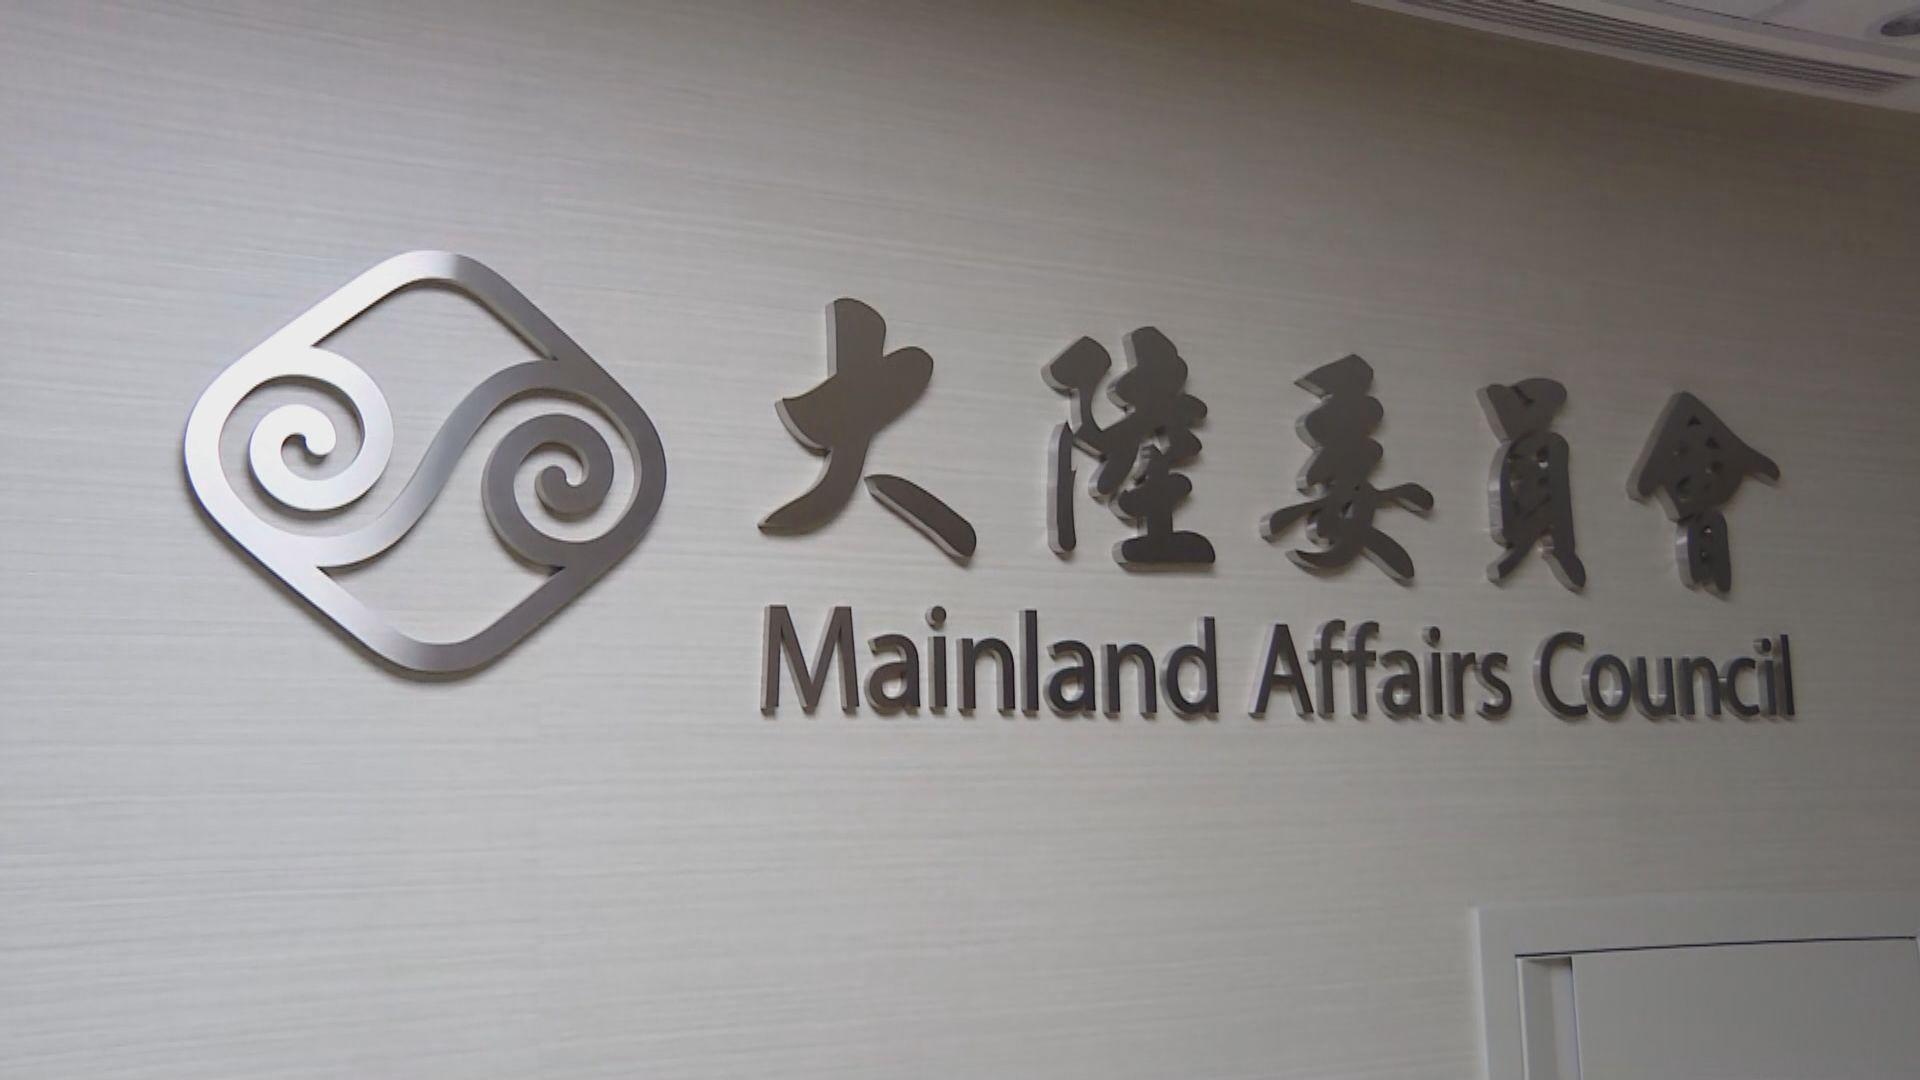 陸委會促北京勿因錯誤決策令香港更混亂